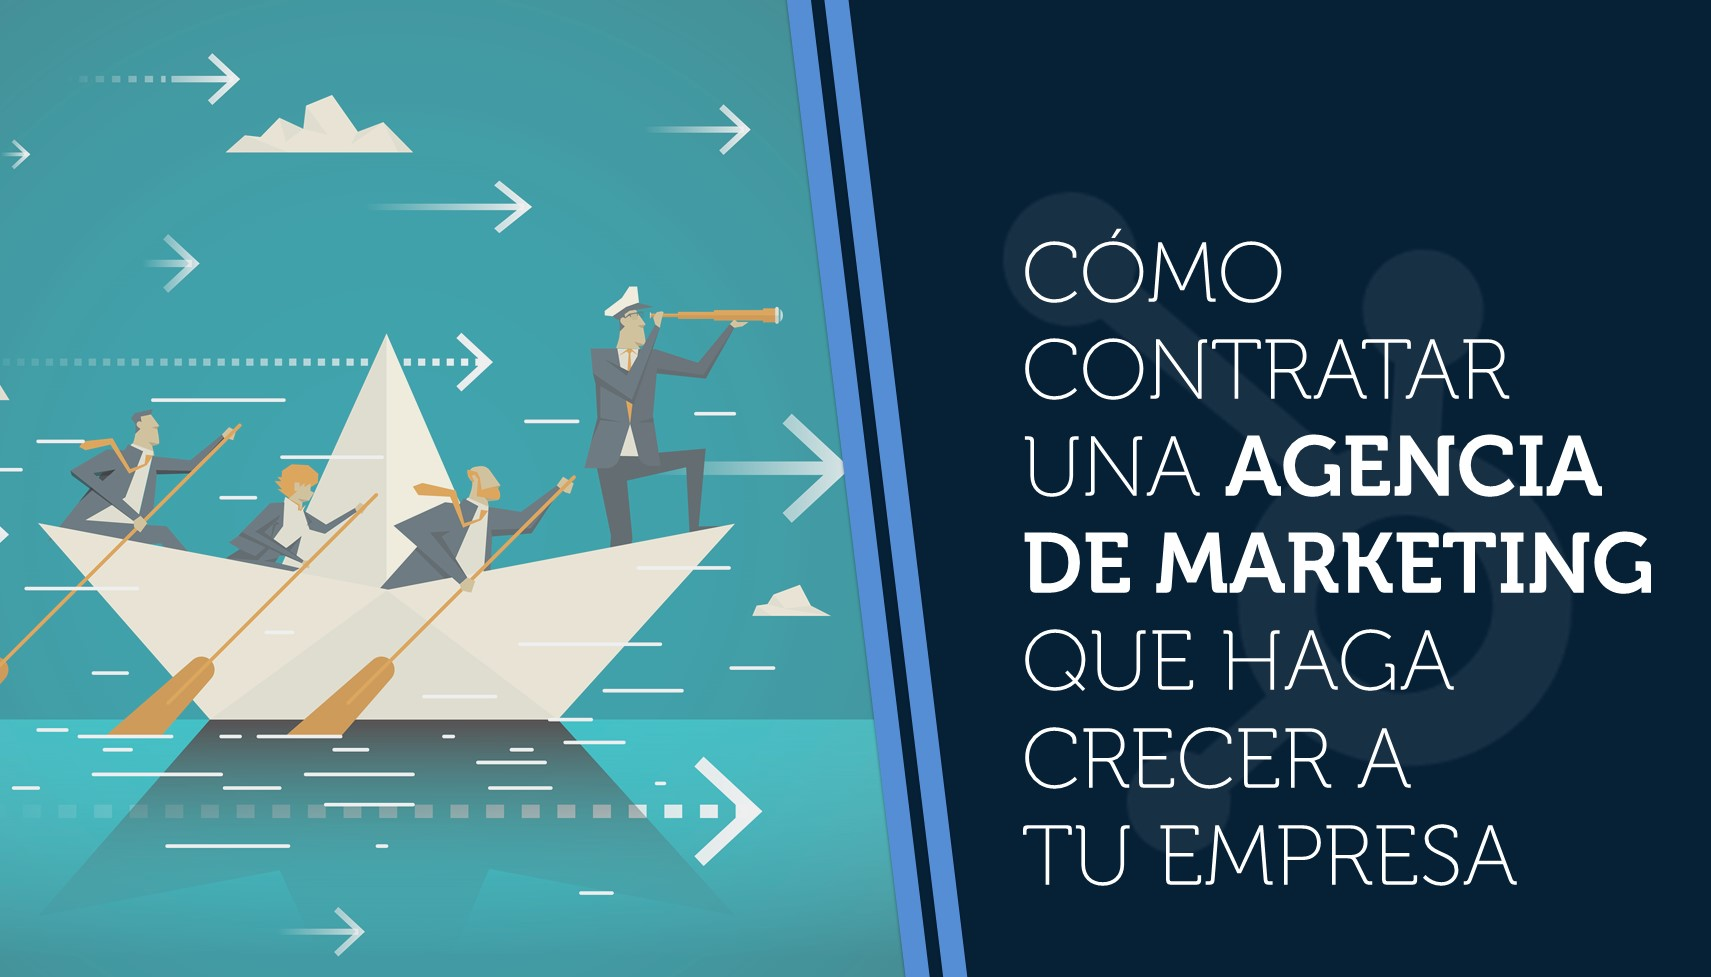 Cómo contratar una agencia de marketing que haga crecer a tu empresa